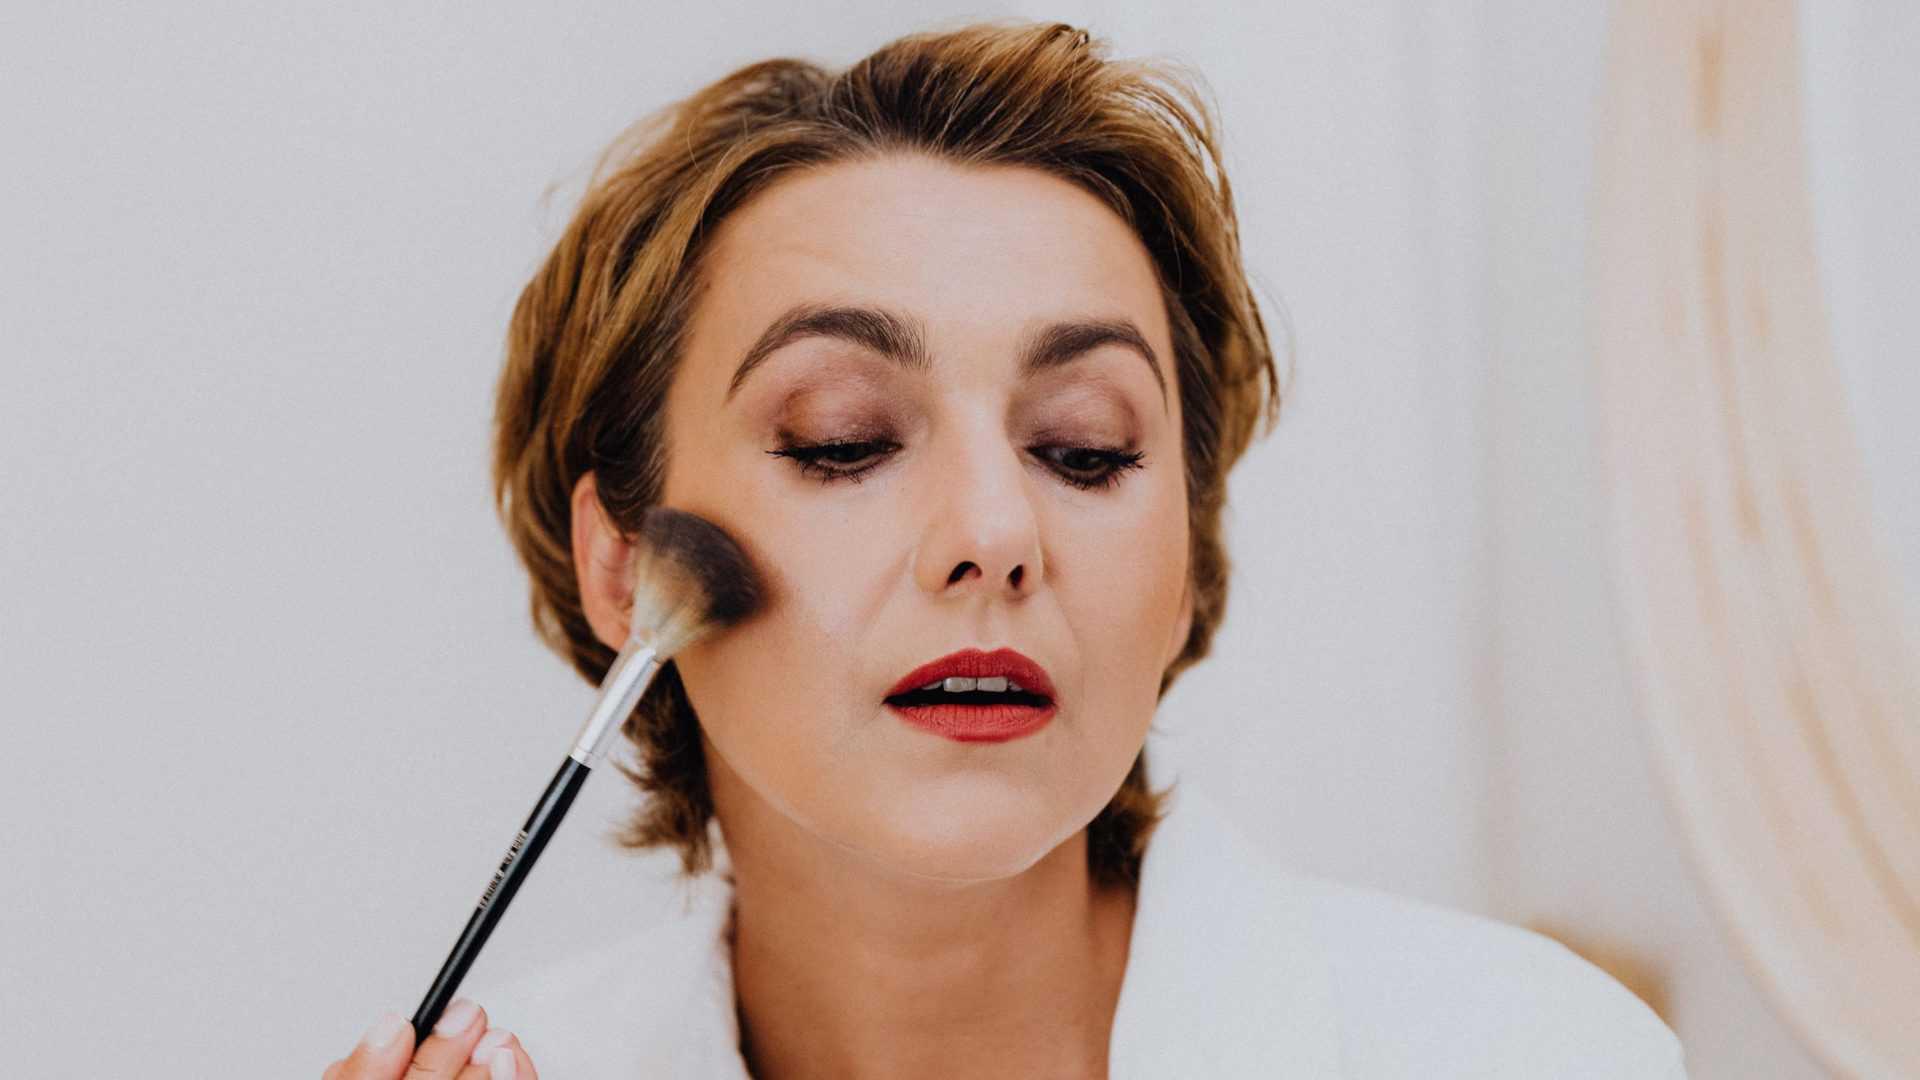 Mevrouw doet make-up op.